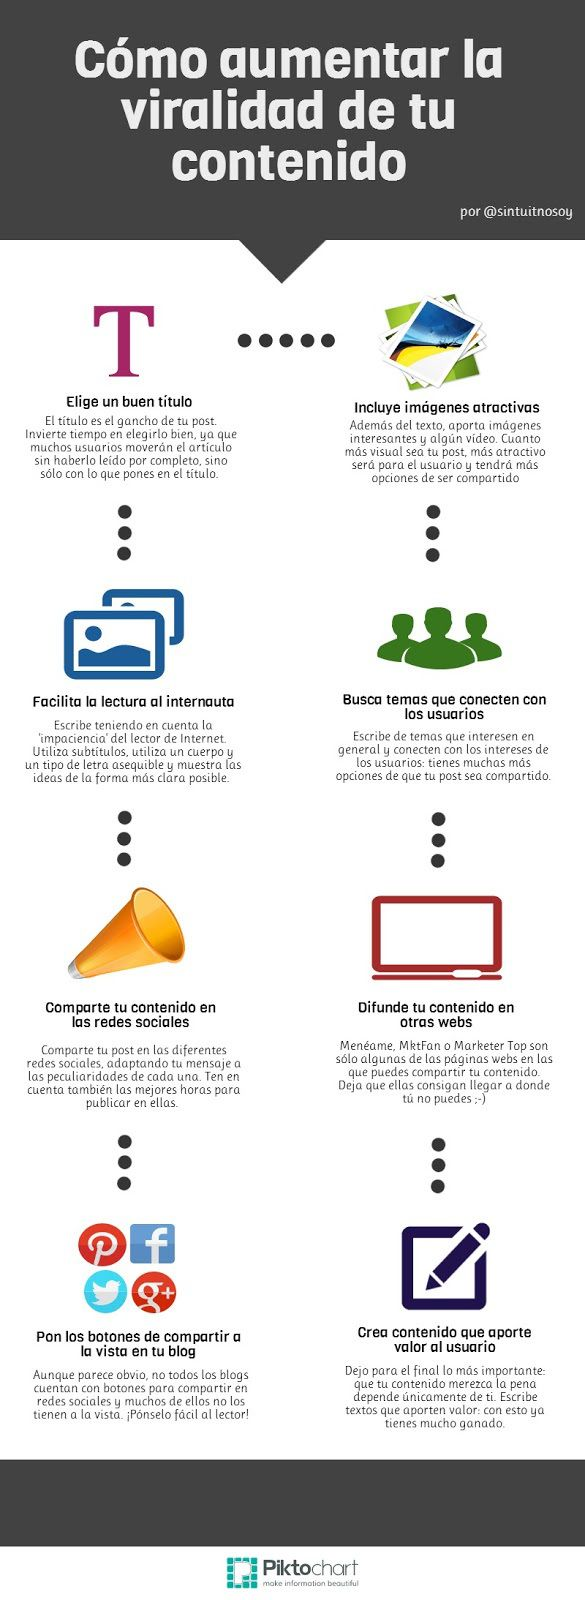 8 maneras de aumentar la viralidad de tu contenido #infografia #infographic #marketing